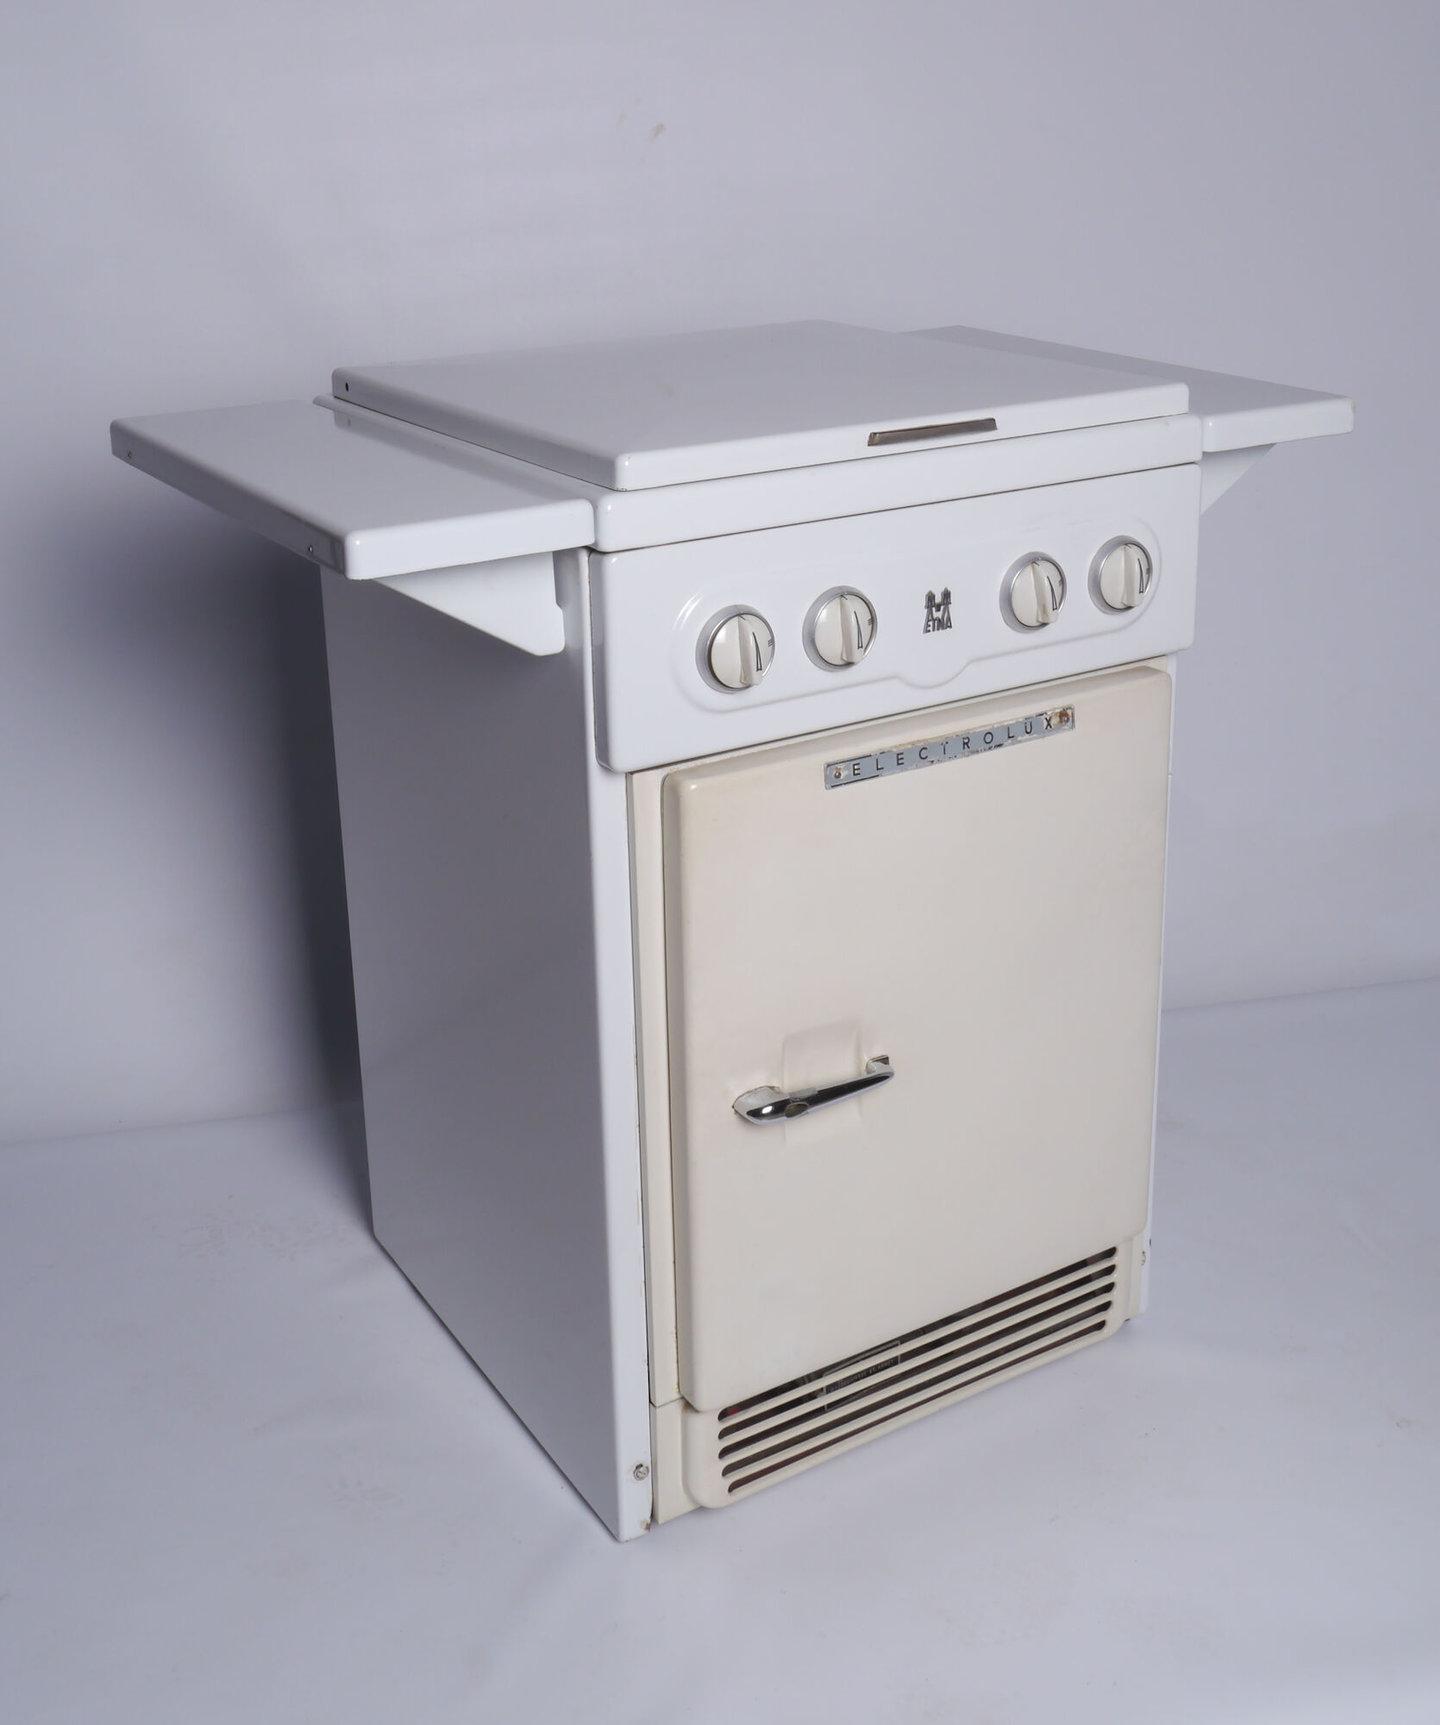 Gasfornuis en koelkast van het merk Electrolux